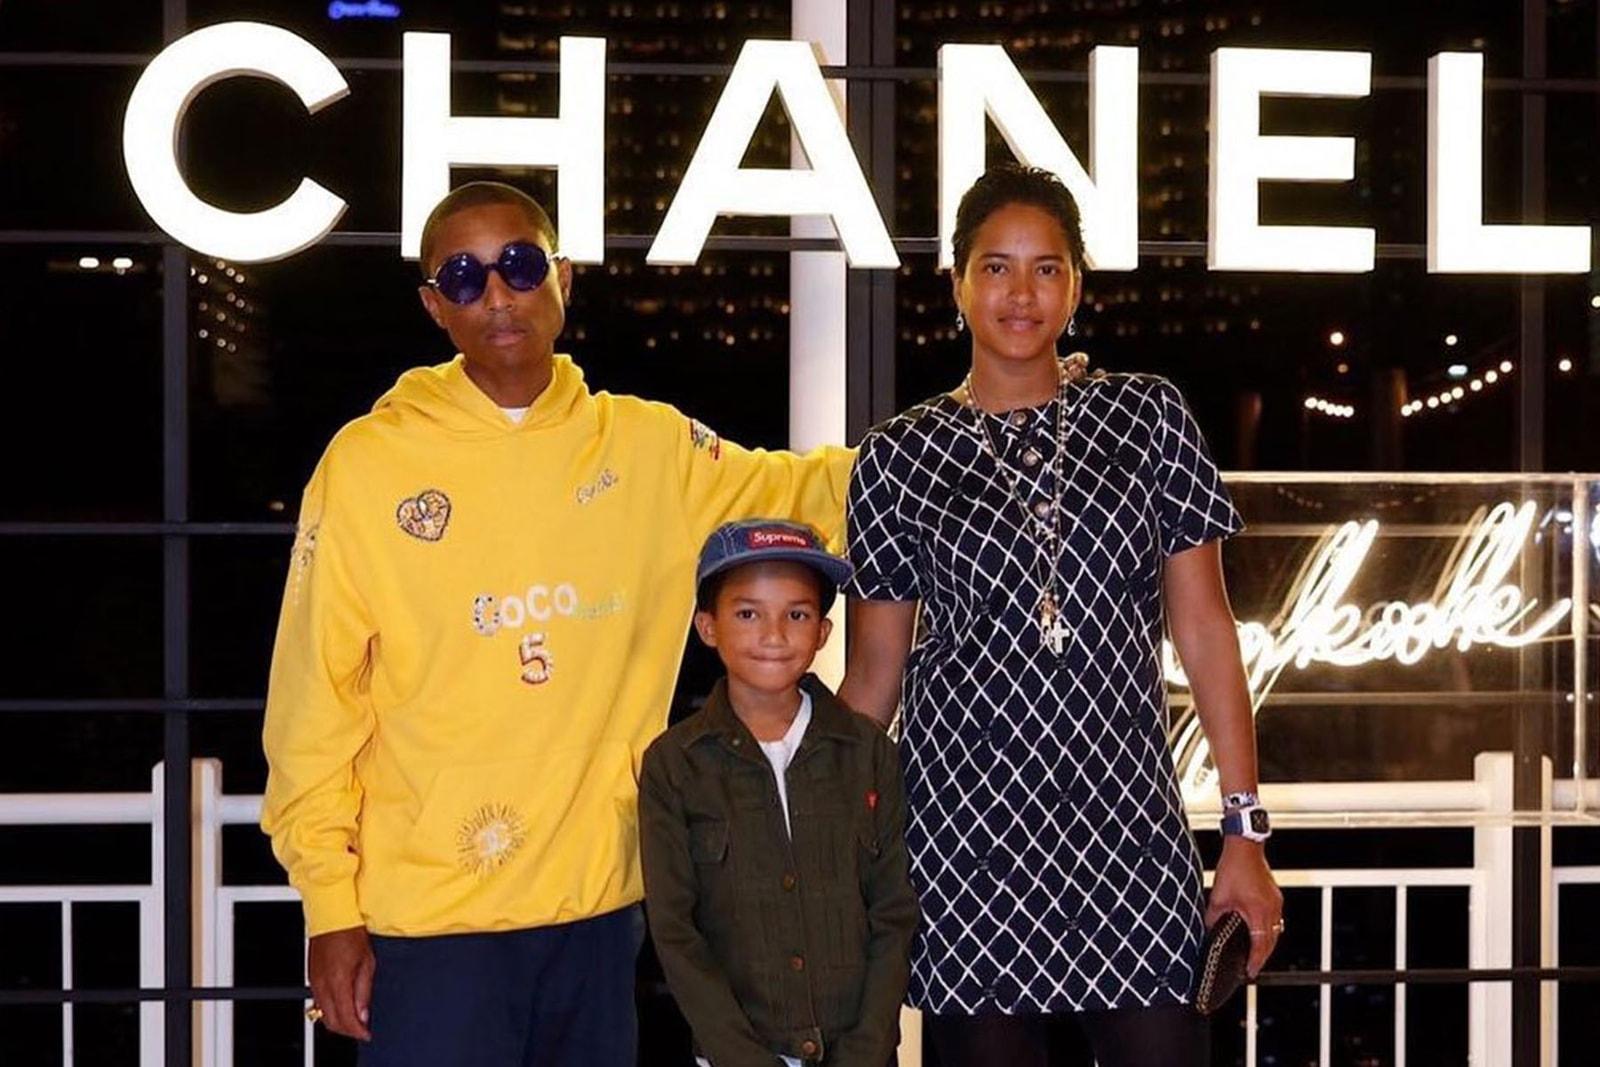 押さえておきたい今週の必読記事5選 『HYPEBEAST Magazine』発売を祝したVERDY主催のイベントレポートからファレルと〈Chanel〉のコラボ発表、〈Supreme〉のトランプ大統領批判Tシャツまで今週を総ざらい